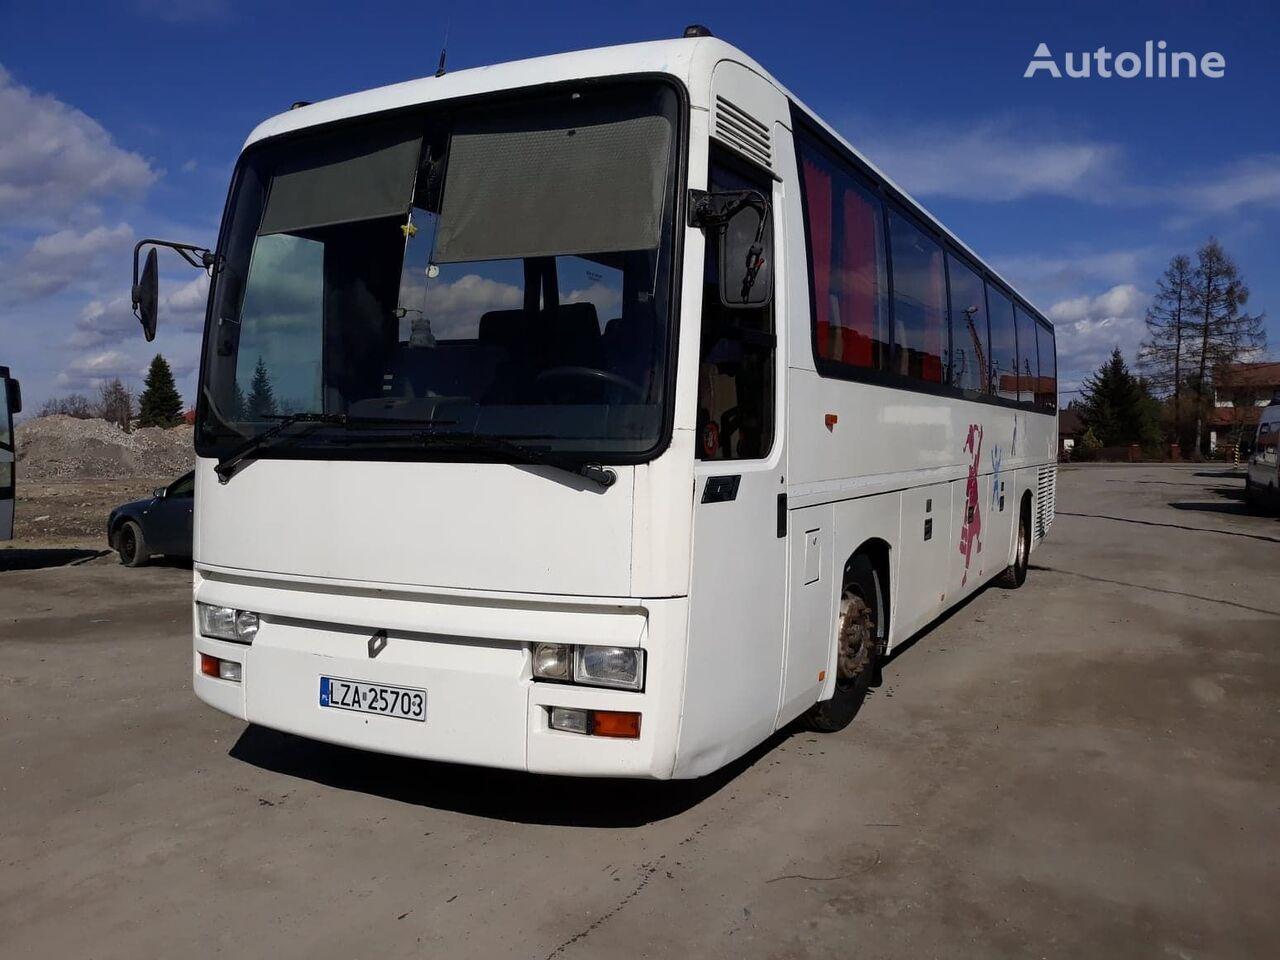 RENAULT FR1 / EXPORT POUR AFRIQUE / ANVERS / HAMBURG  ekskursijas autobuss